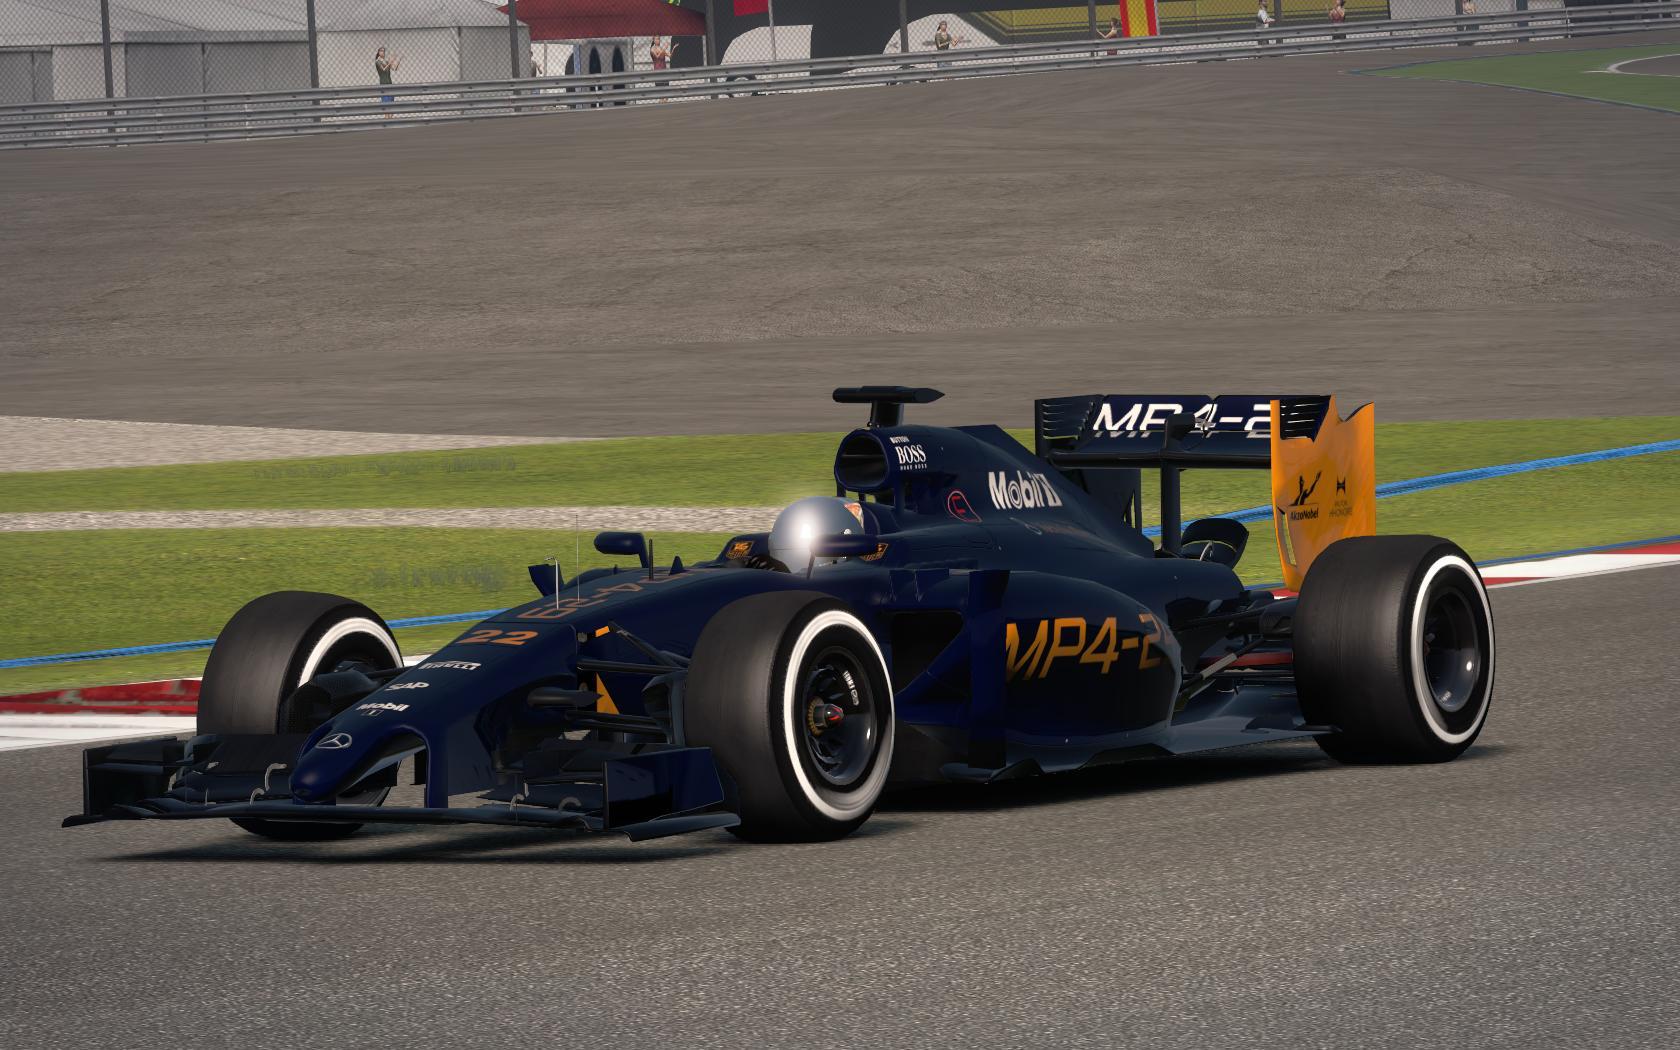 F1_2014 2016-04-16 13-12-18-34.jpg